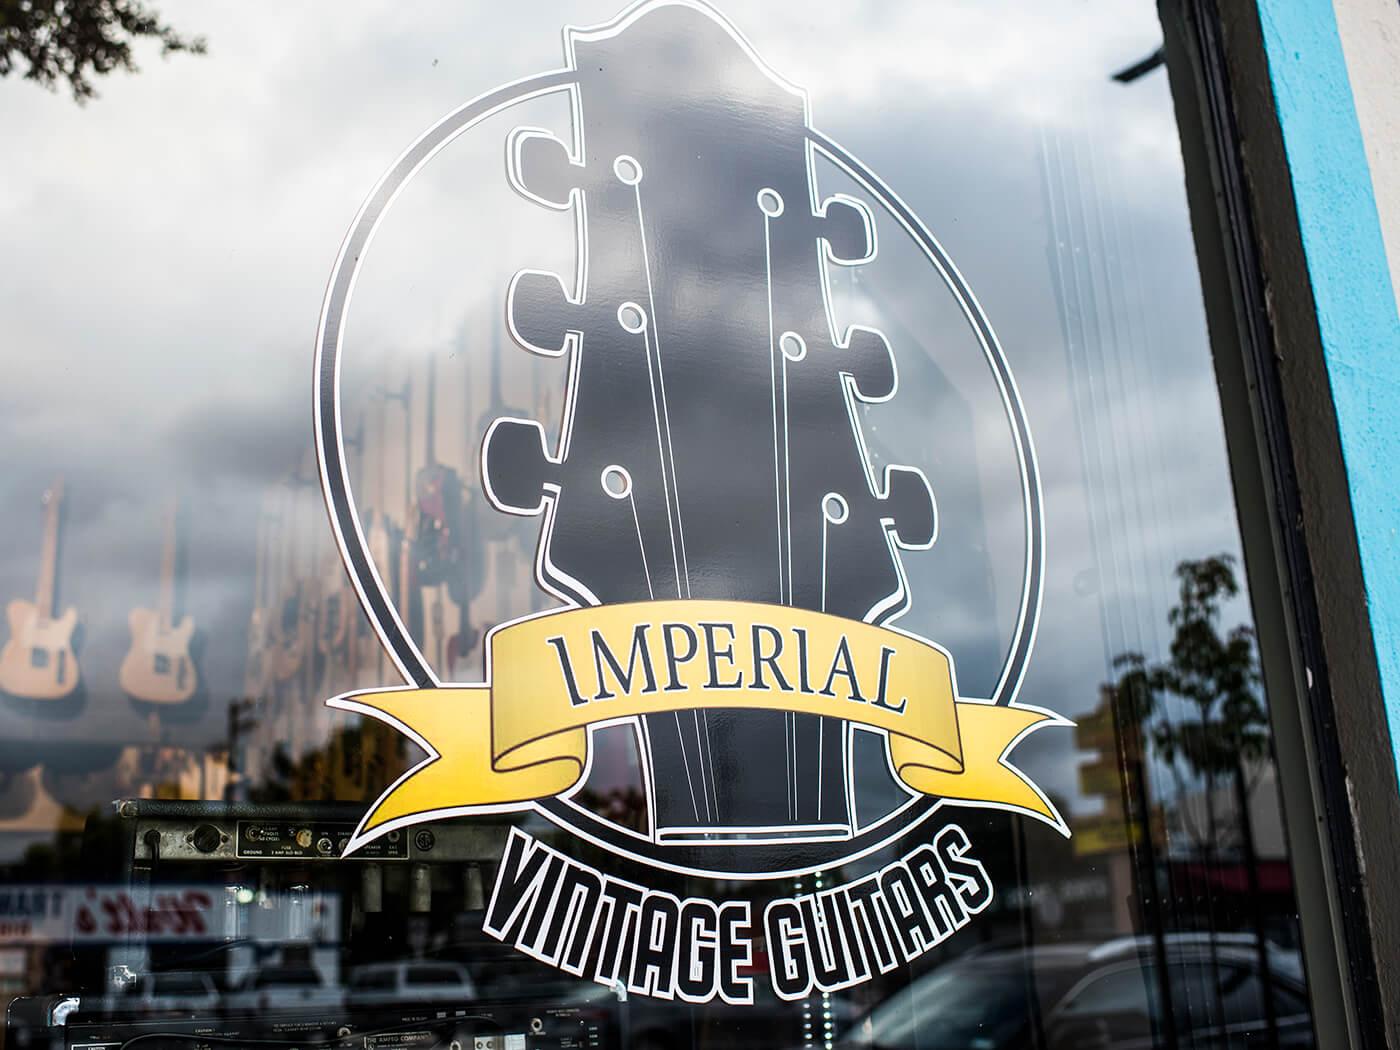 Imperial Vintage